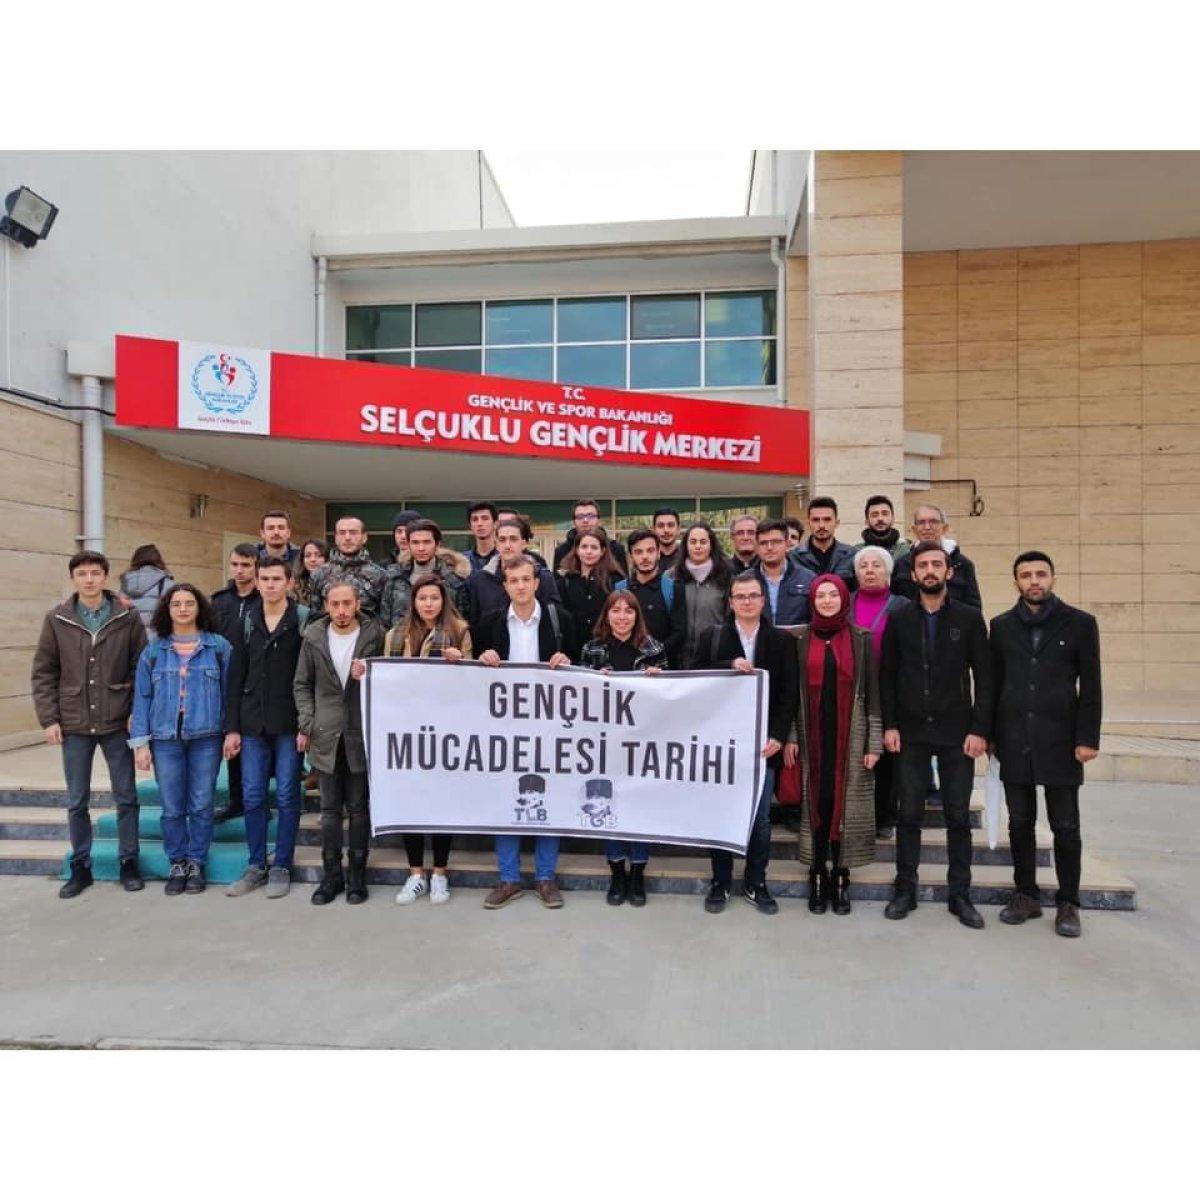 TGB Konya'dan Gençlik Mücadelesi Tarihi Eğitimi